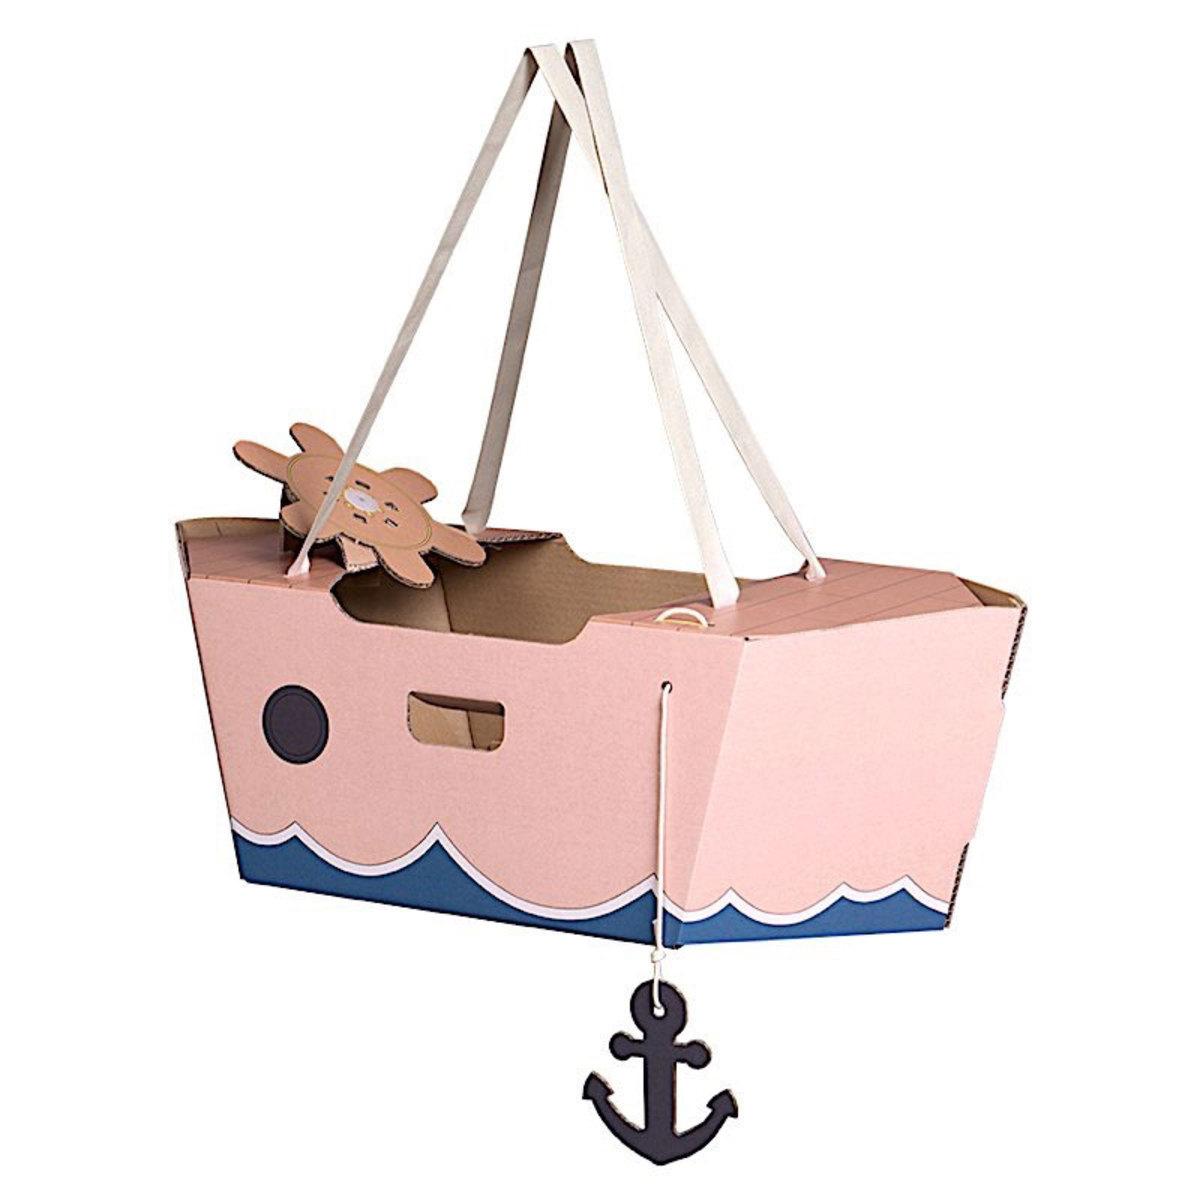 Mes premiers jouets Tody Boat Rose Tody Boat Rose